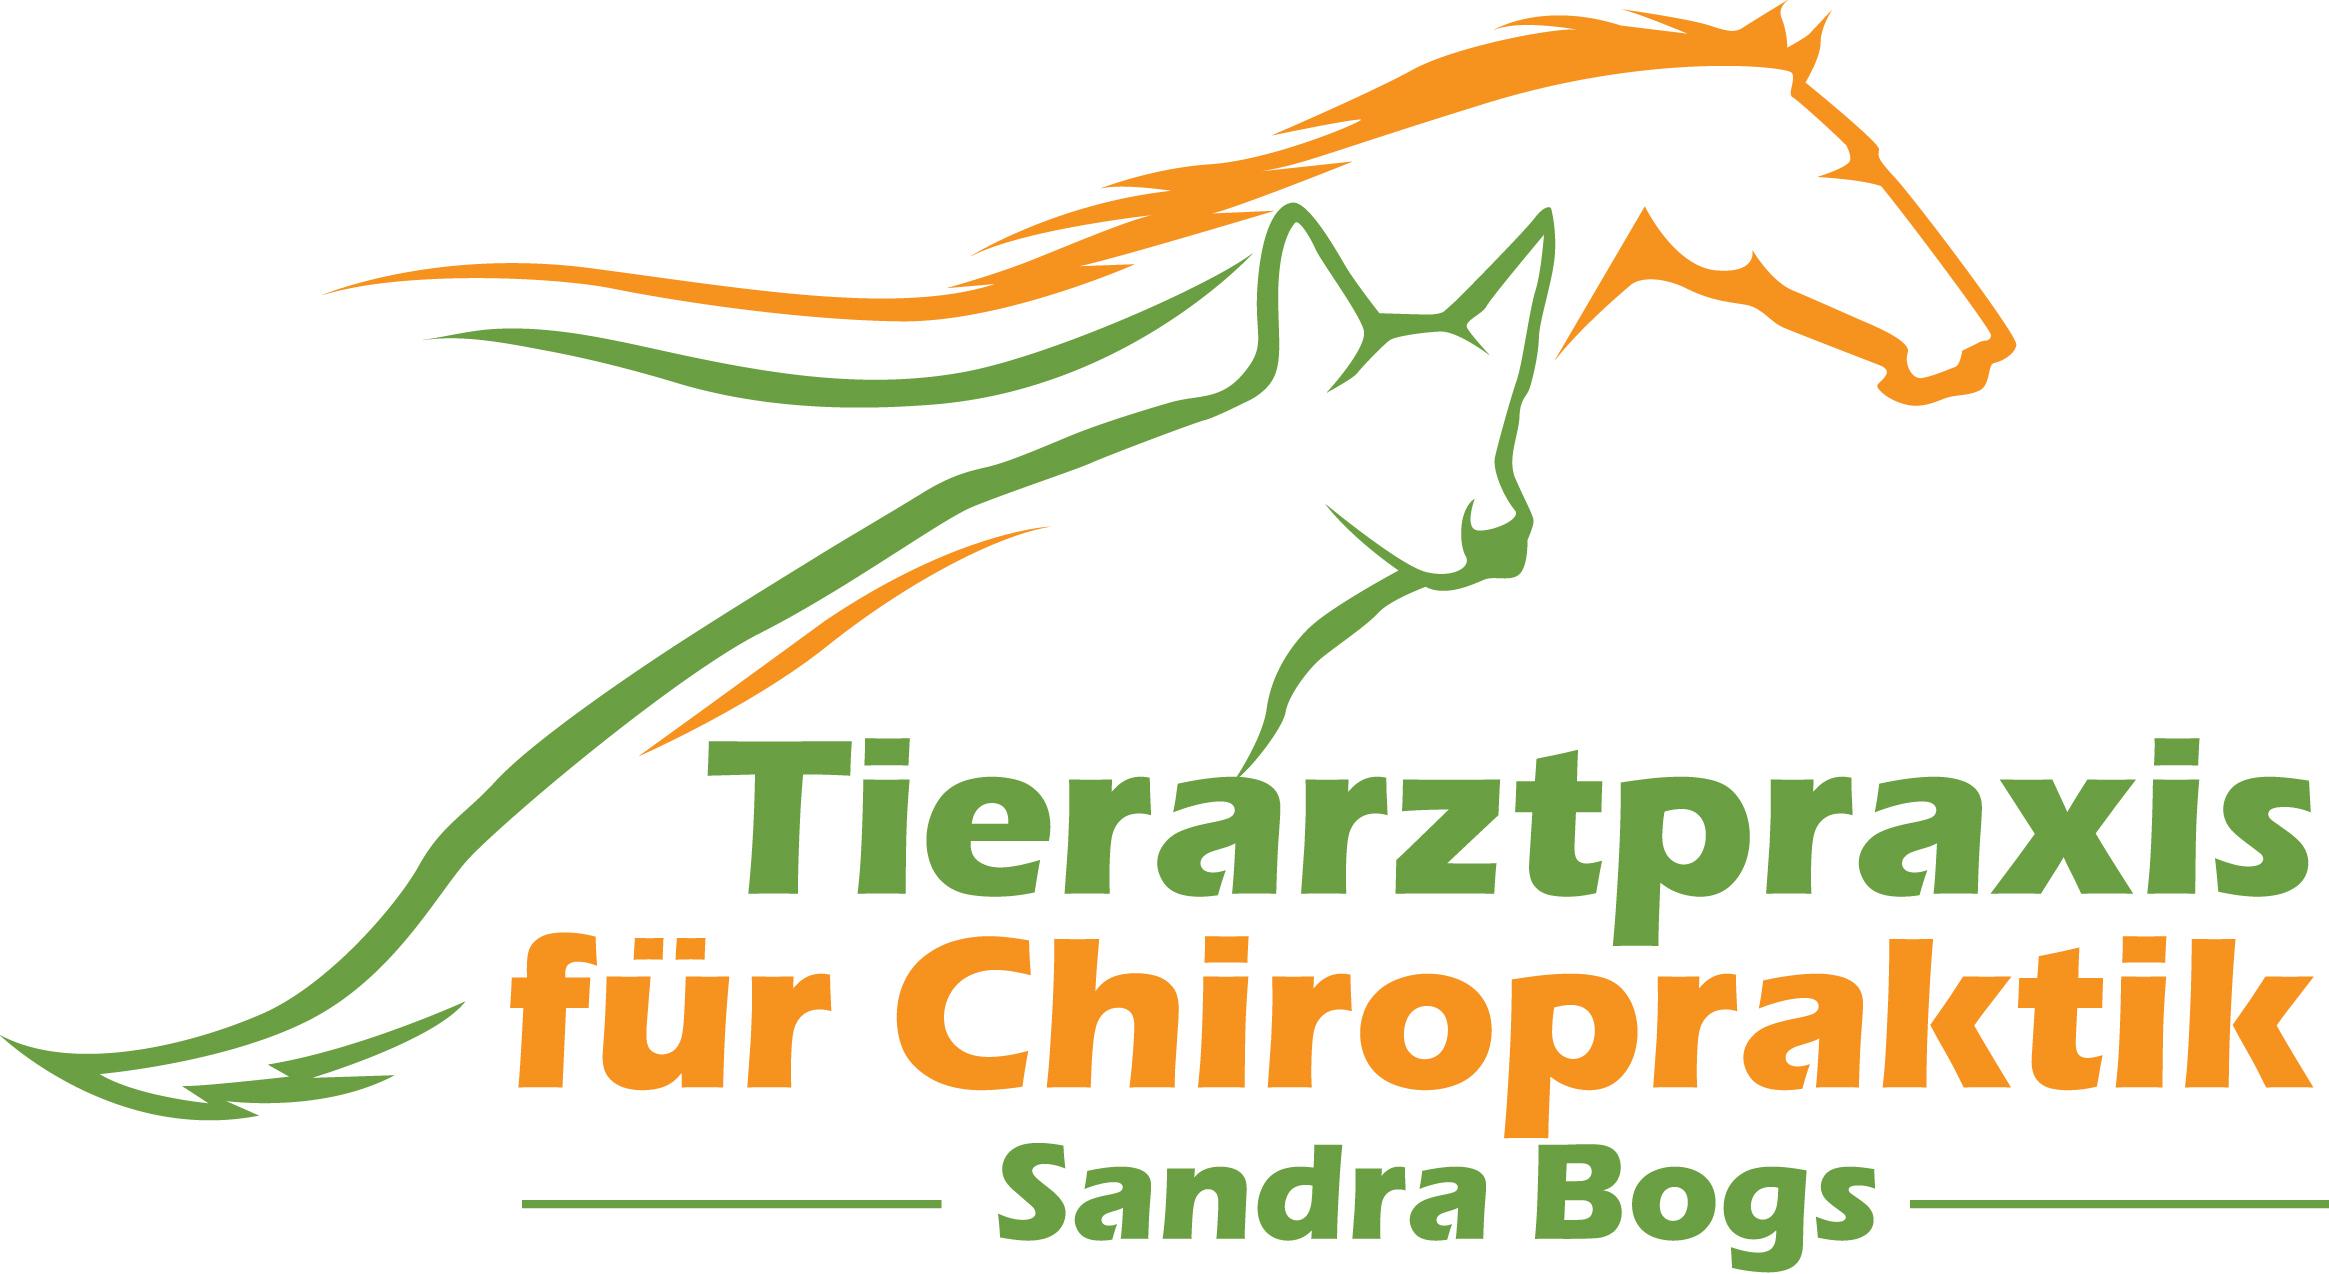 Praxis für Chiropraktik, Tierarzt, Tierchiropraktik, Baden-Württemberg, Hessen, Rheinland-Pfalz, Mannheim, Heidelberg